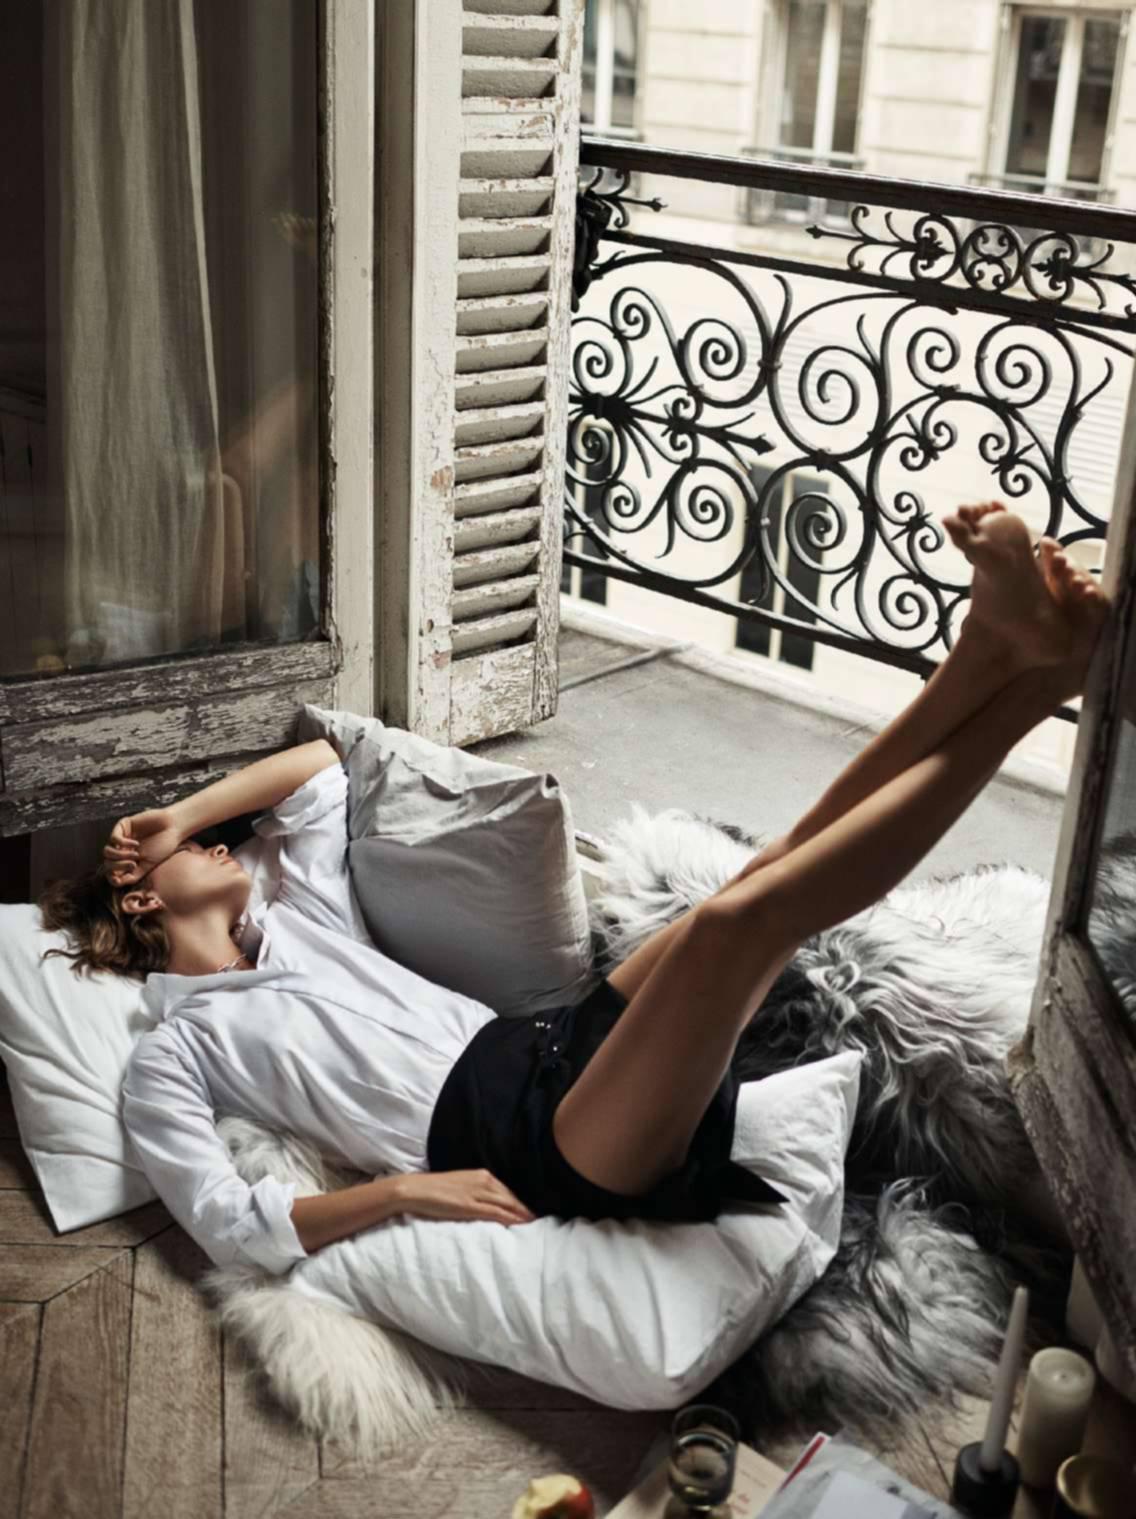 рубашка из хлопка, мини-юбка из шерсти, Anthony Vaccarello; ожерелье из латуни, Isabel Marant